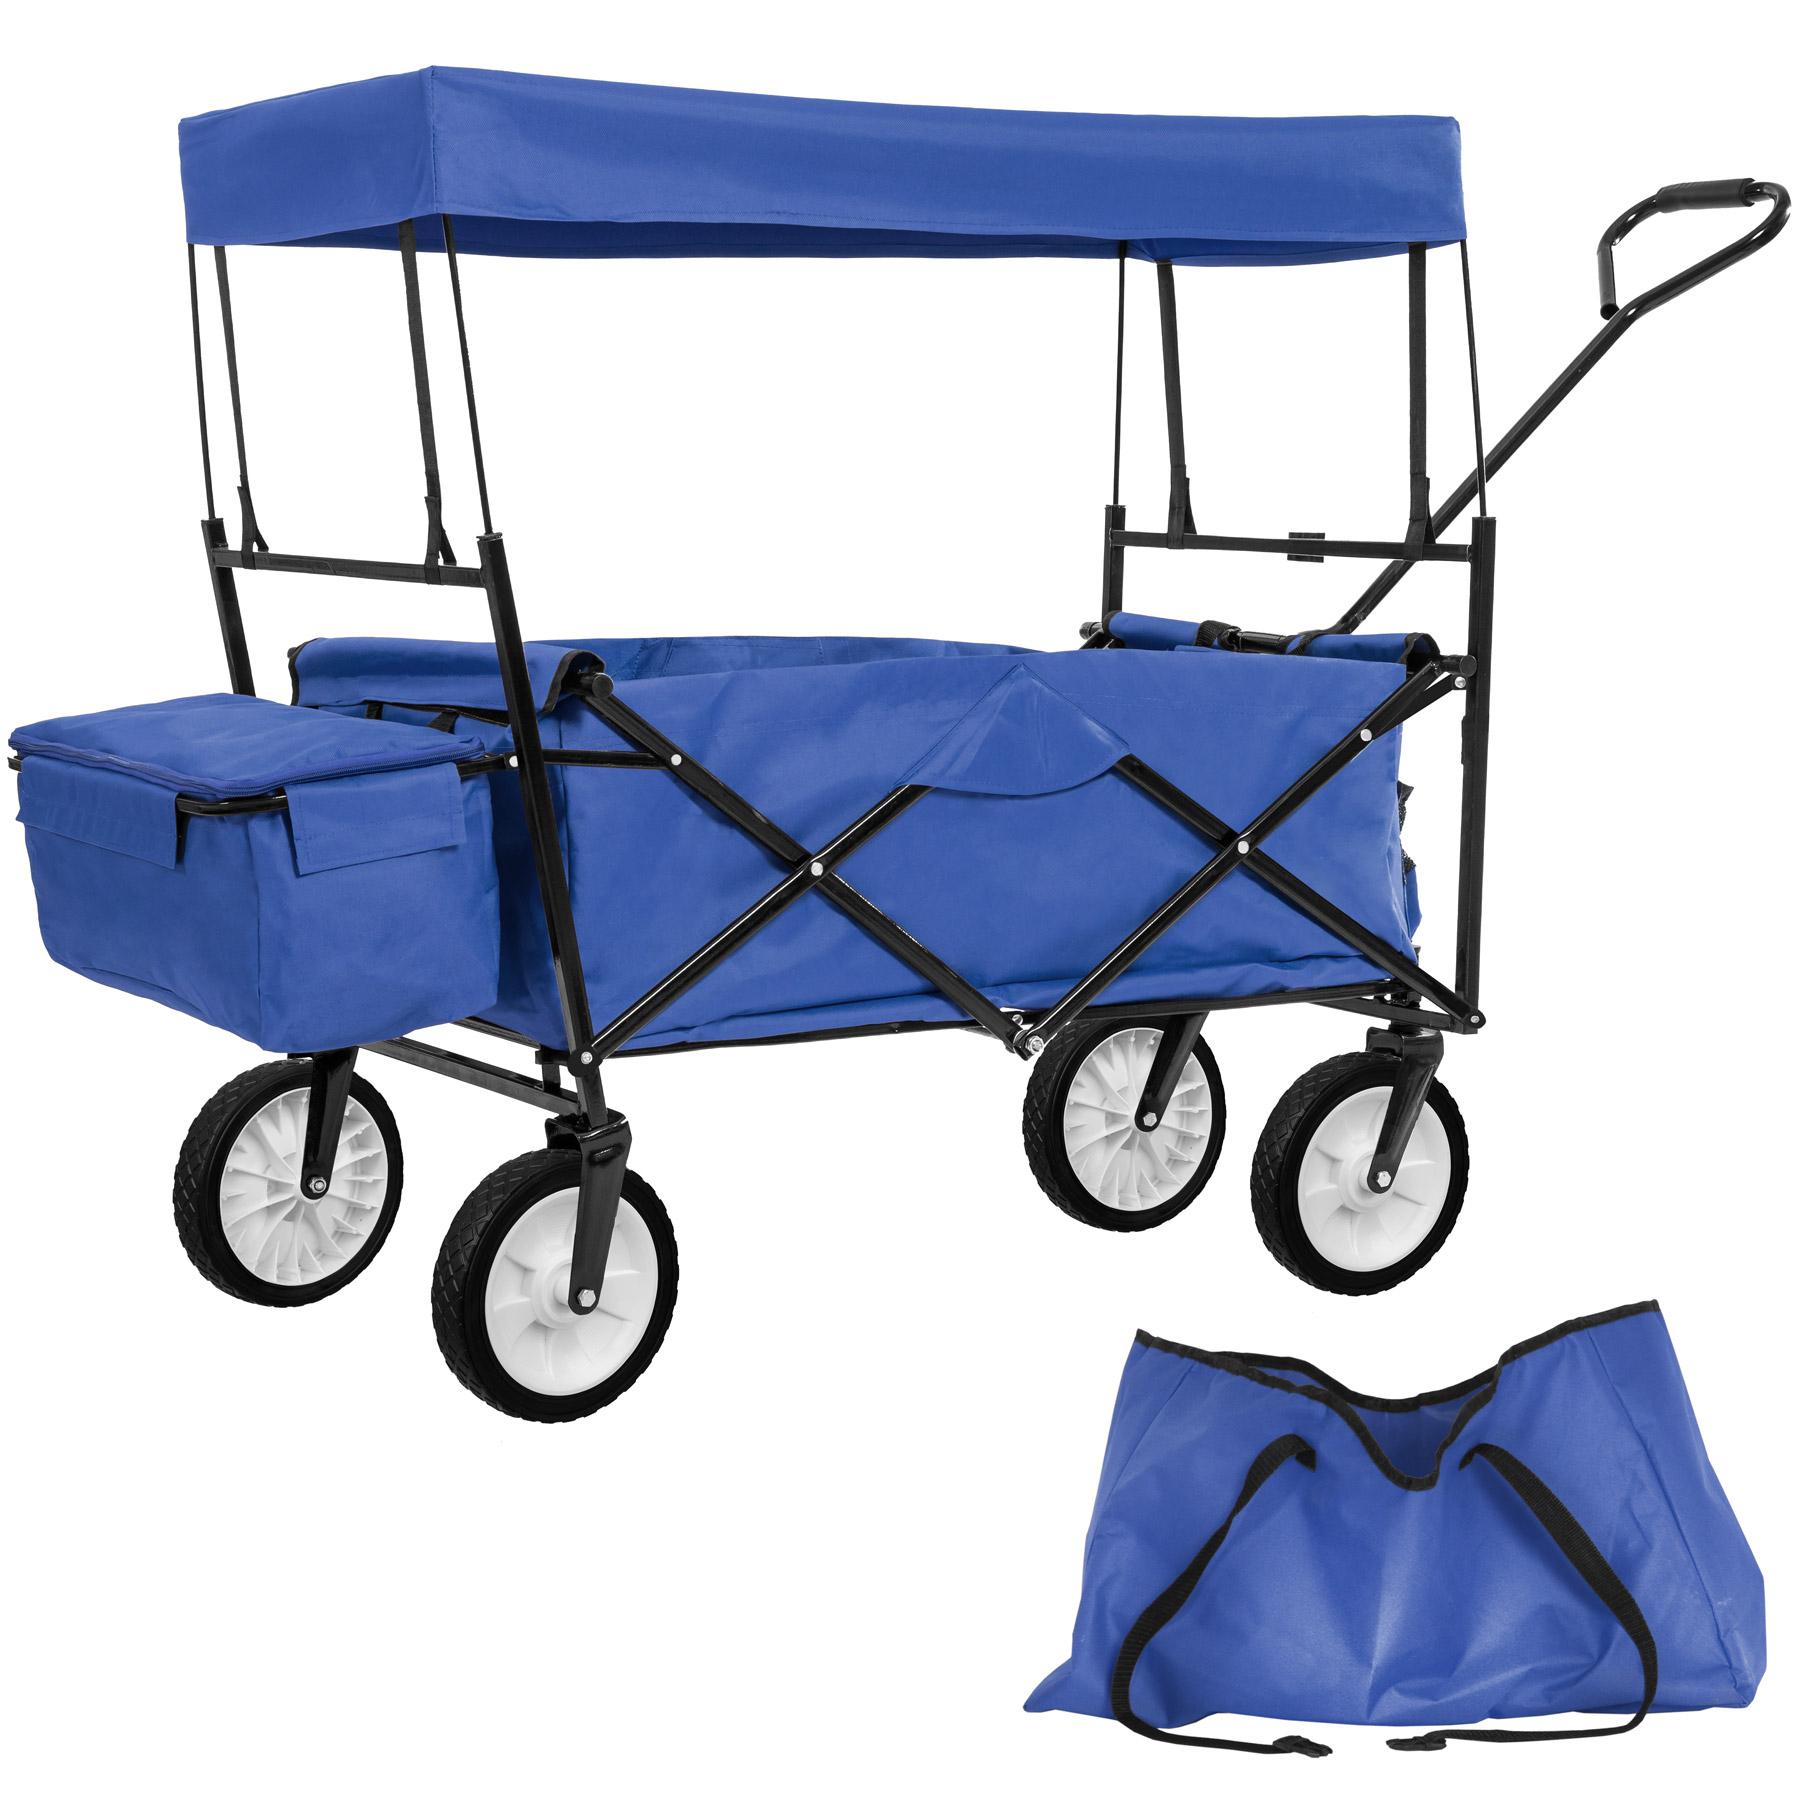 Détails Sur Chariot Pliable Avec Toit Amovible Charrette De Transport À  Tirer Main Bleu à Charrette De Jardin